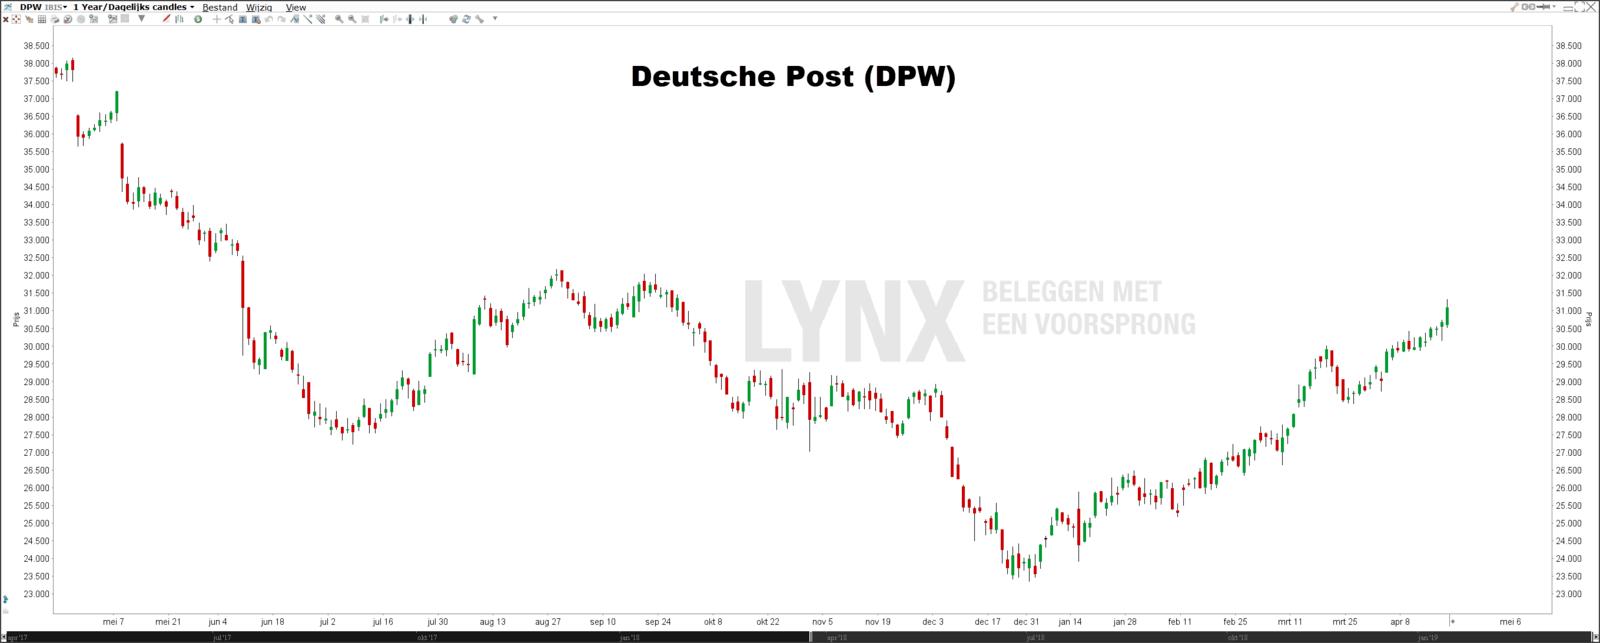 Beste DAX dividendaandelen koers Deutsche Post